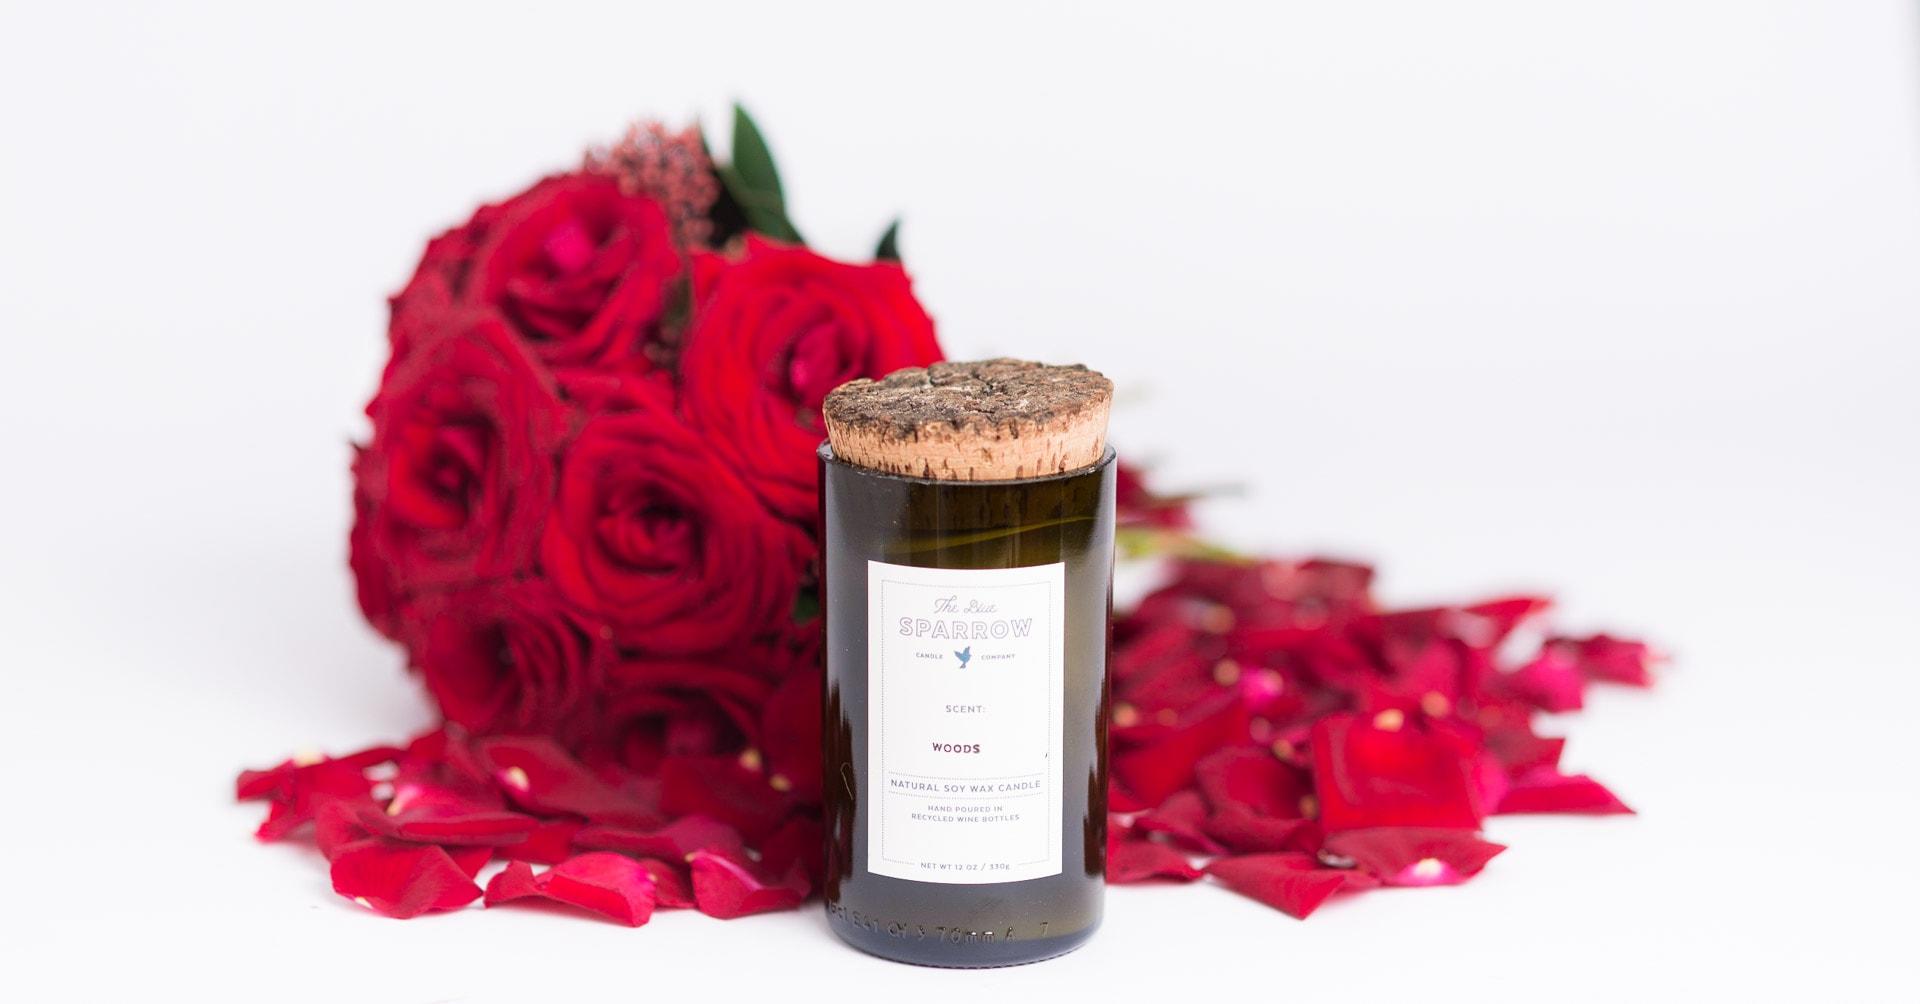 Dovana Valentino dienai - raudonų rožių puokštė ir aromatinė rankų darbo žvakė Blue Sparrow